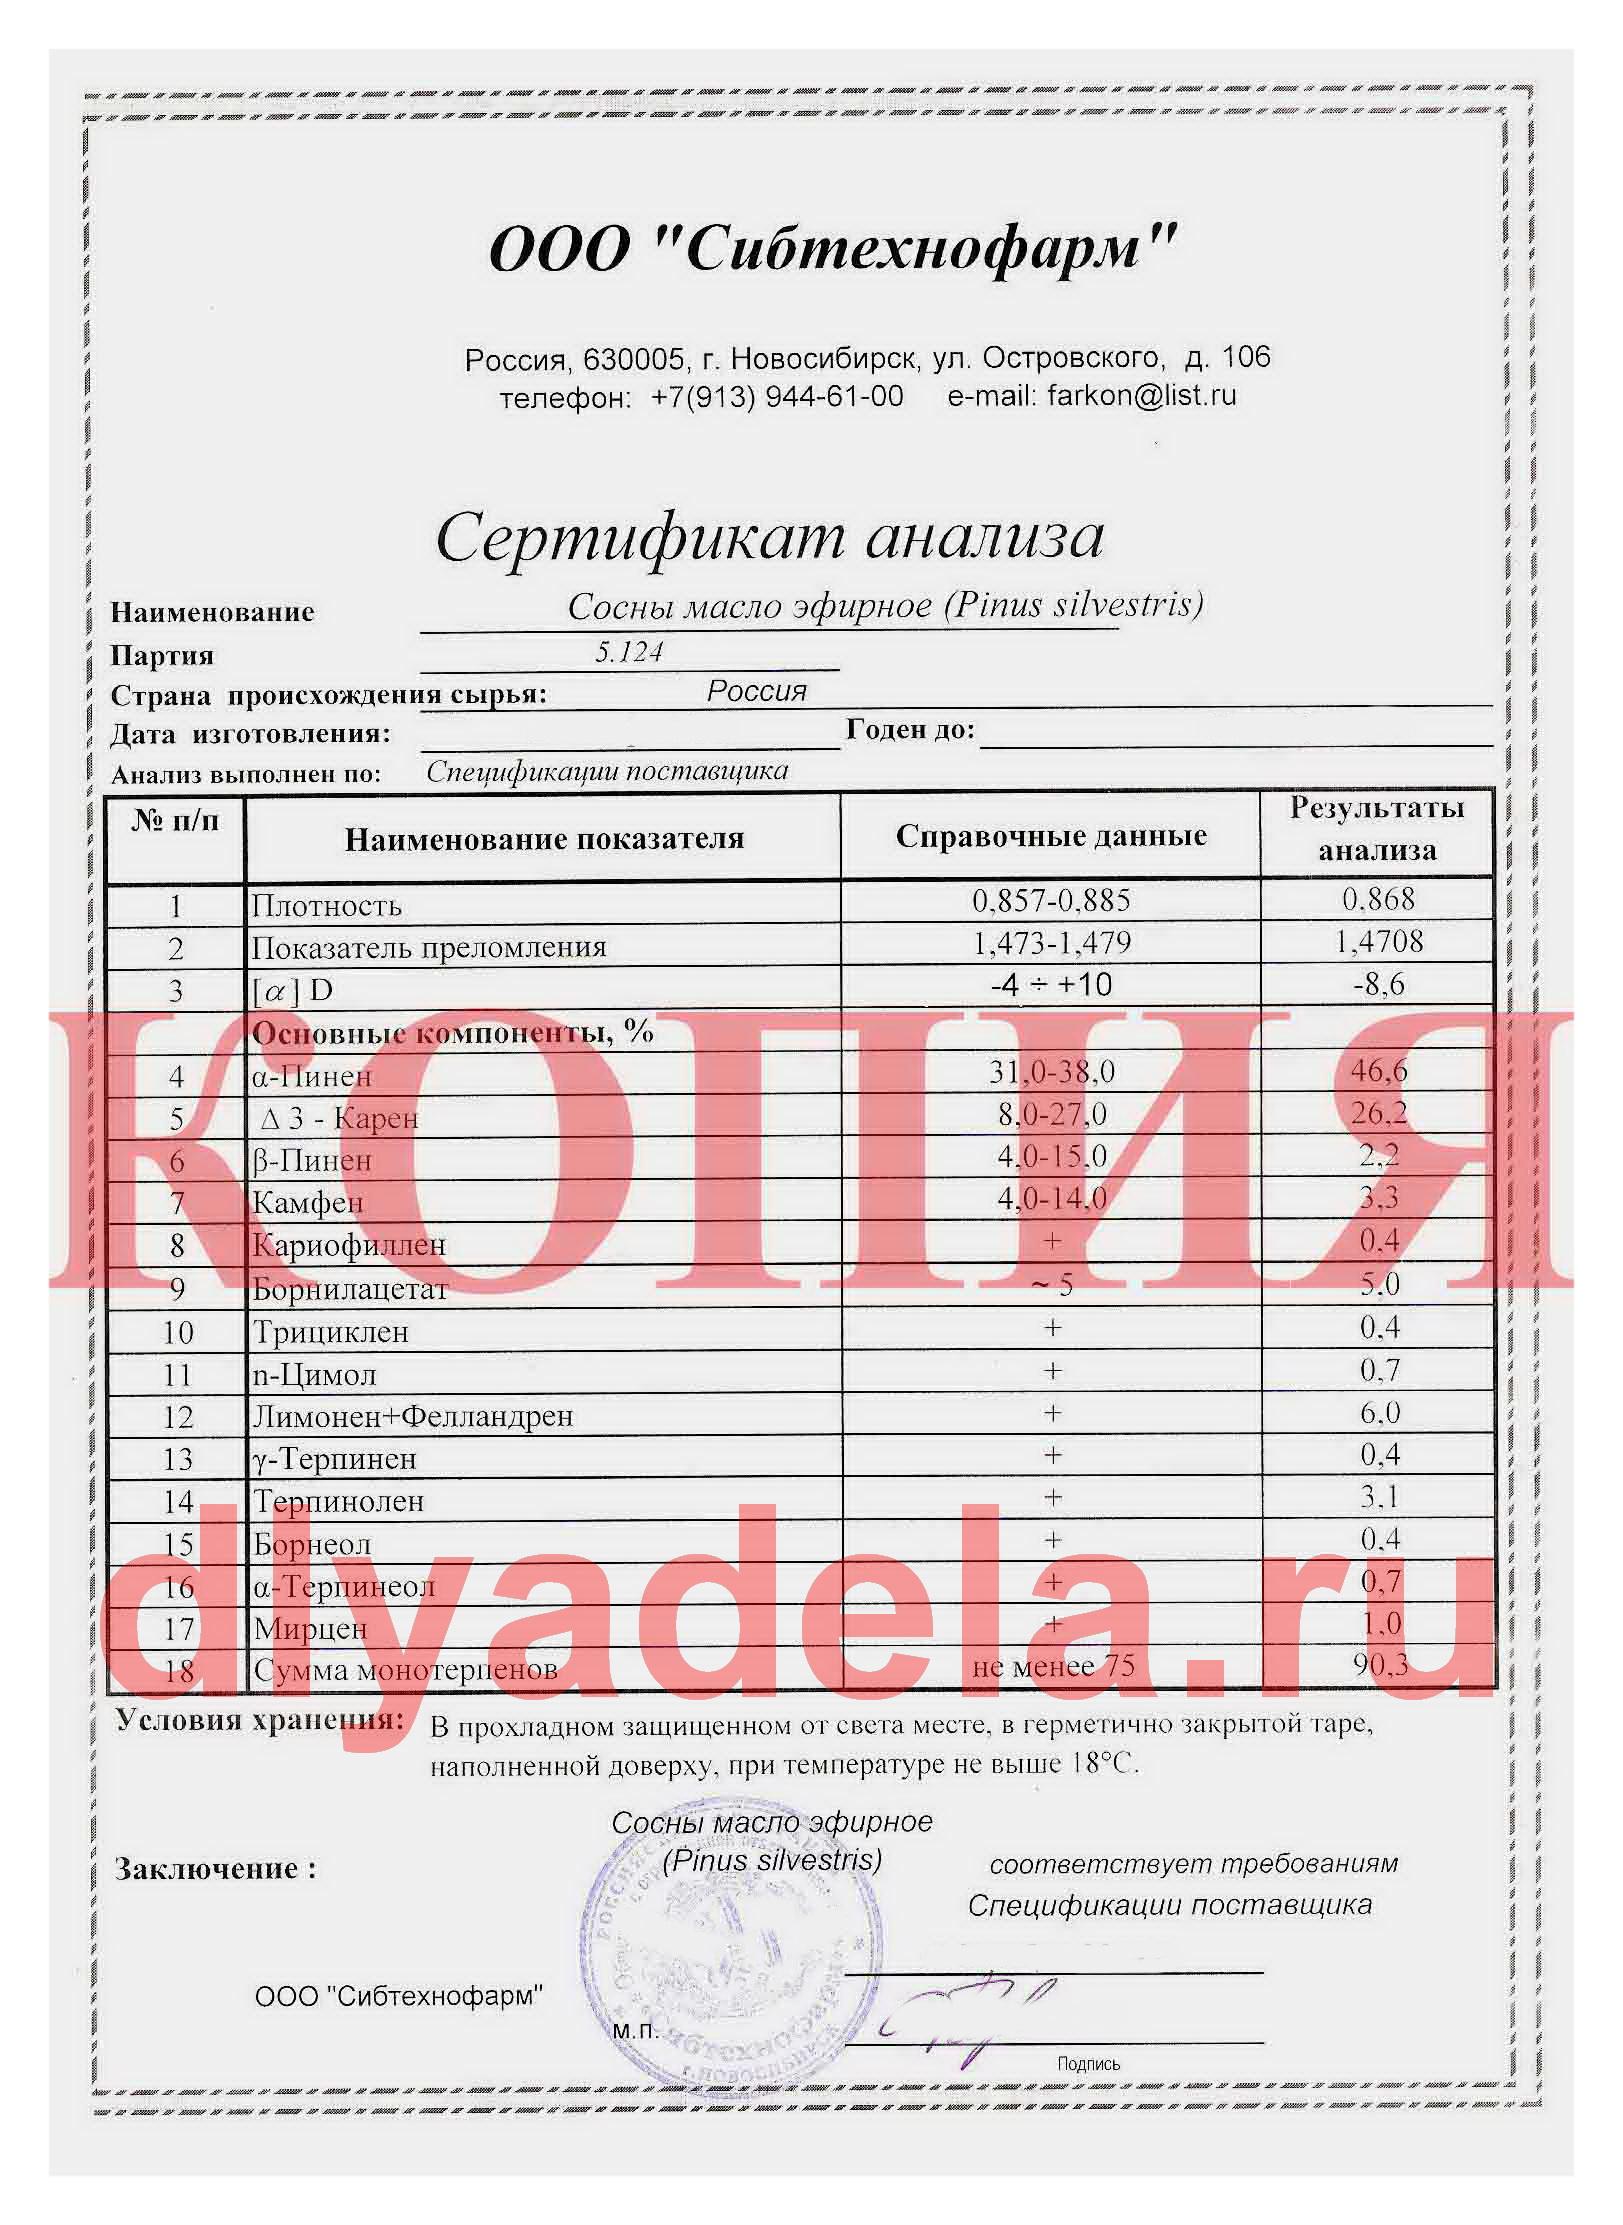 Сертификат сосны эфирного масла